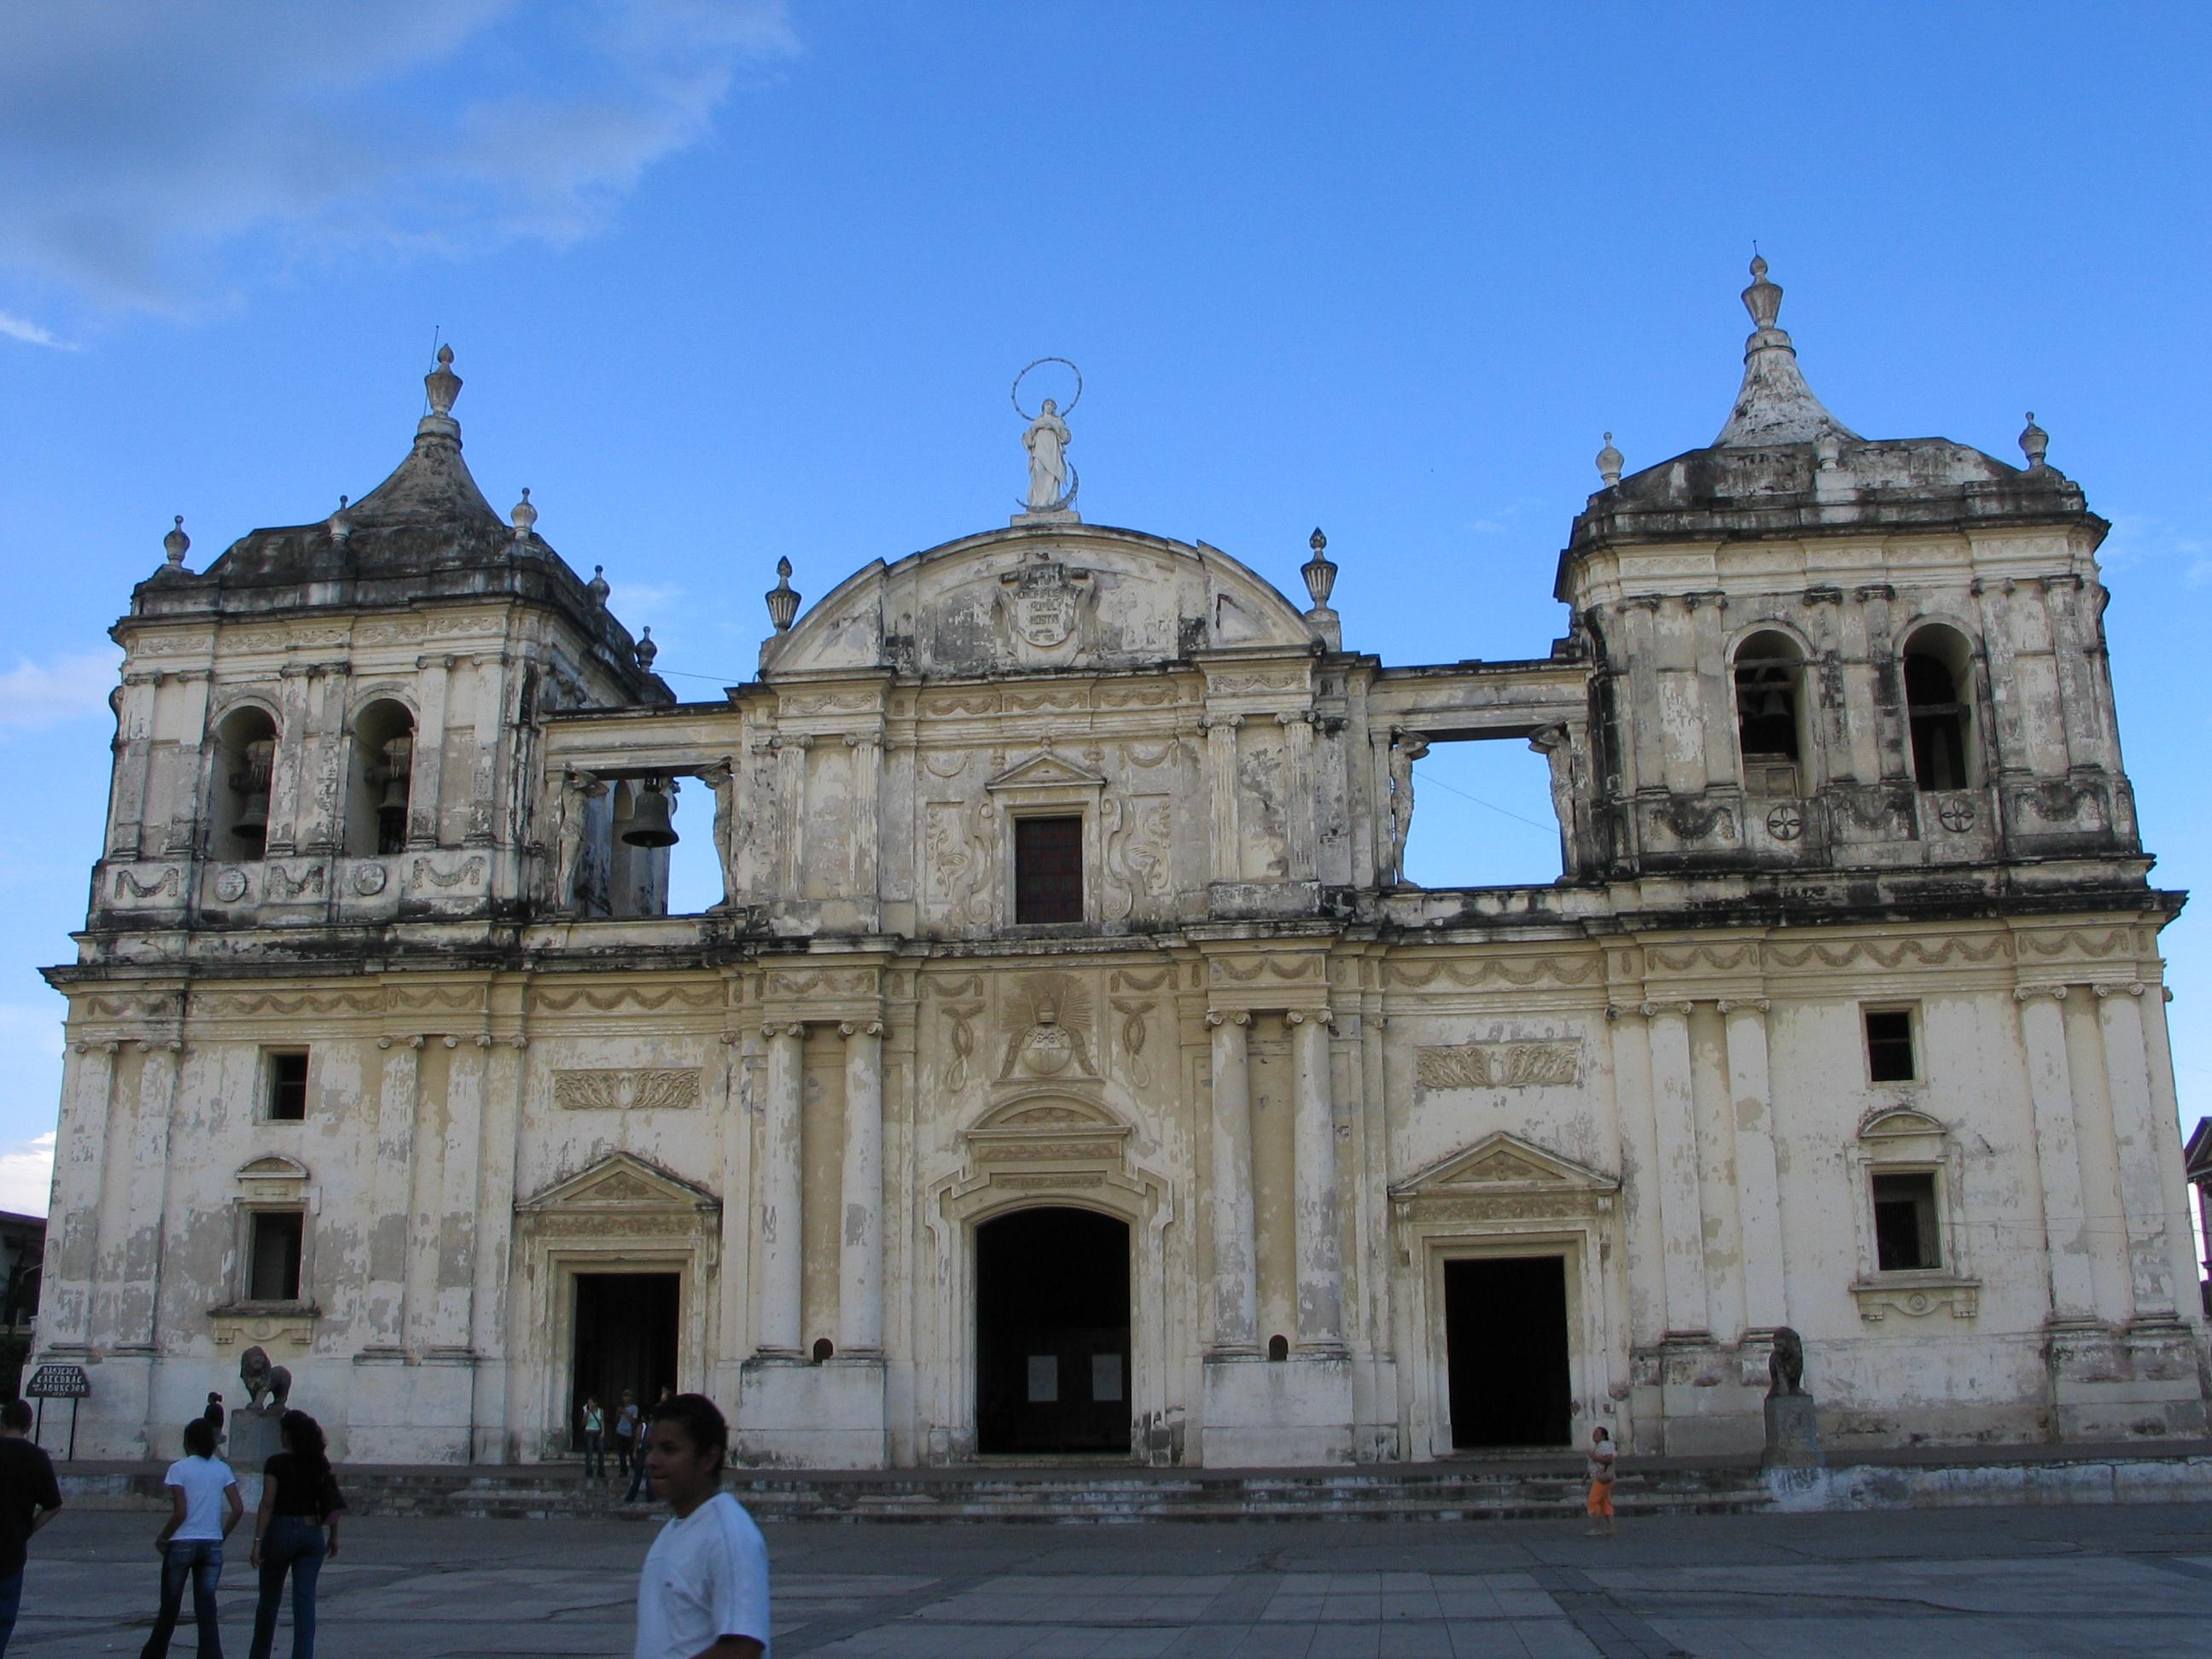 La Catedral de León (Nicaragua)catedral-basílica de la Asunción, en la ciudad de León, en la que transcurrió la infancia del poeta. Sus restos se encuentran sepultados en esta iglesia.